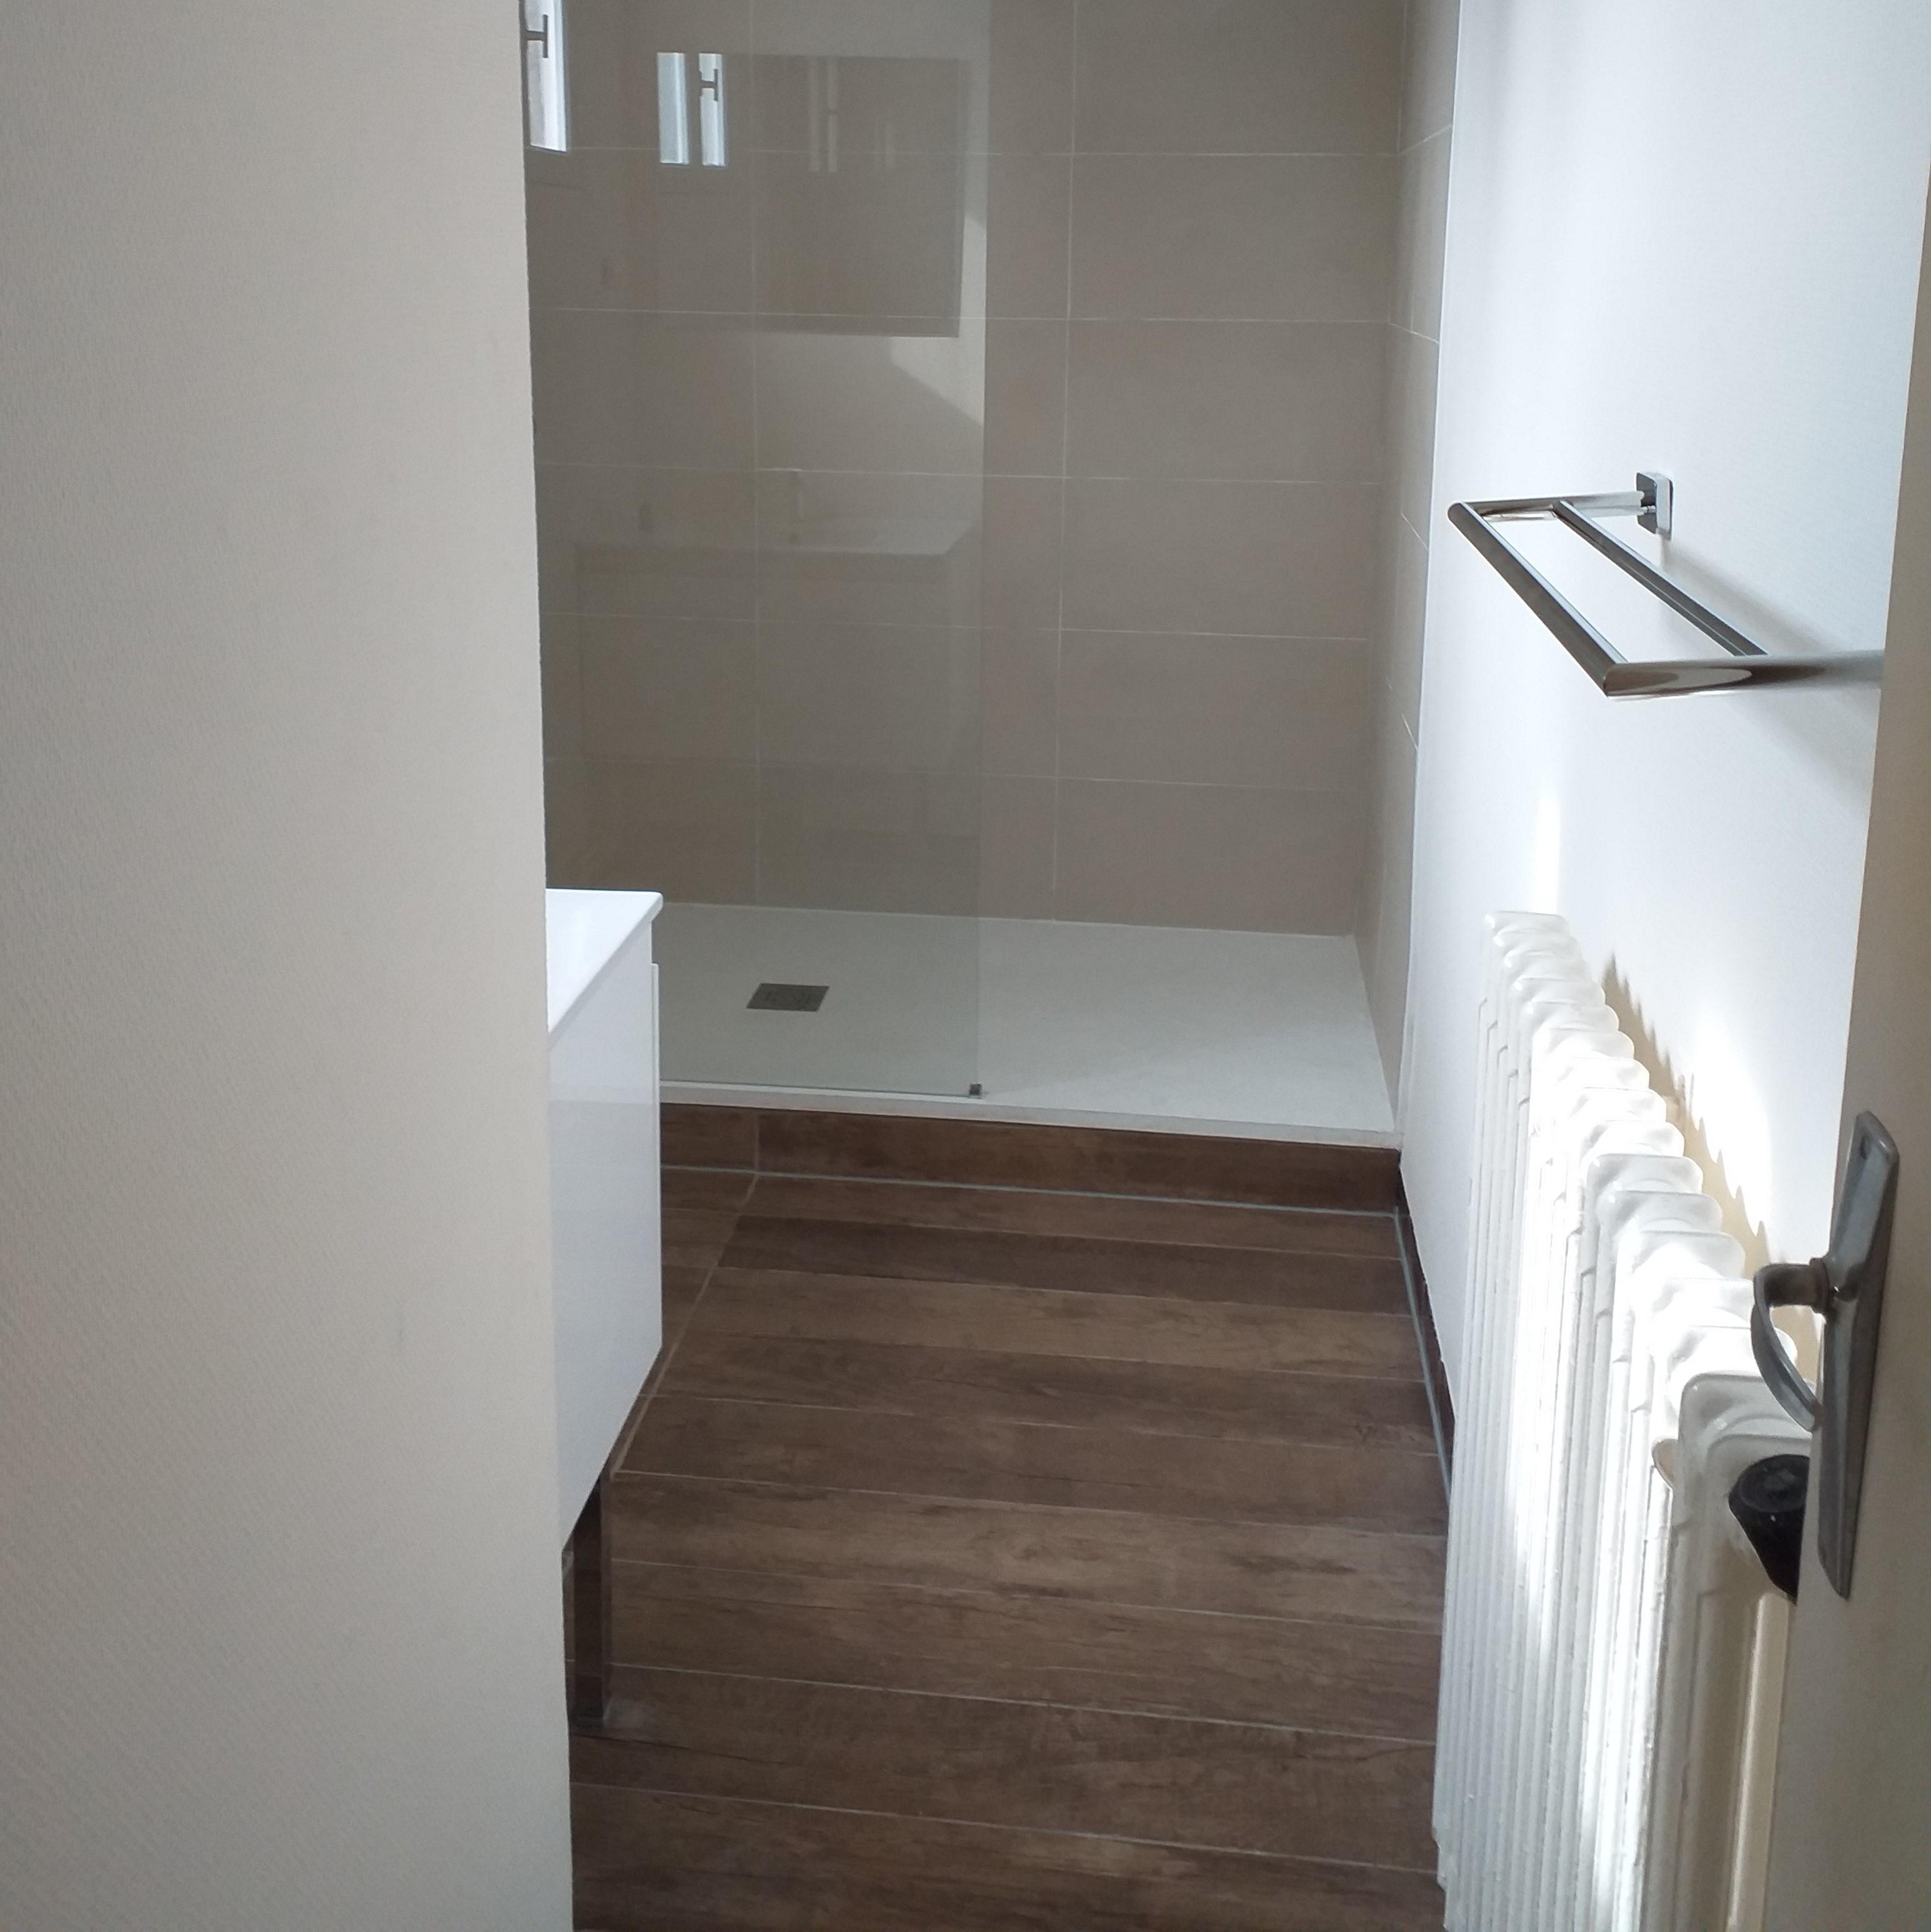 plombier Rezé: Rénovation de salle de bains à Rezé